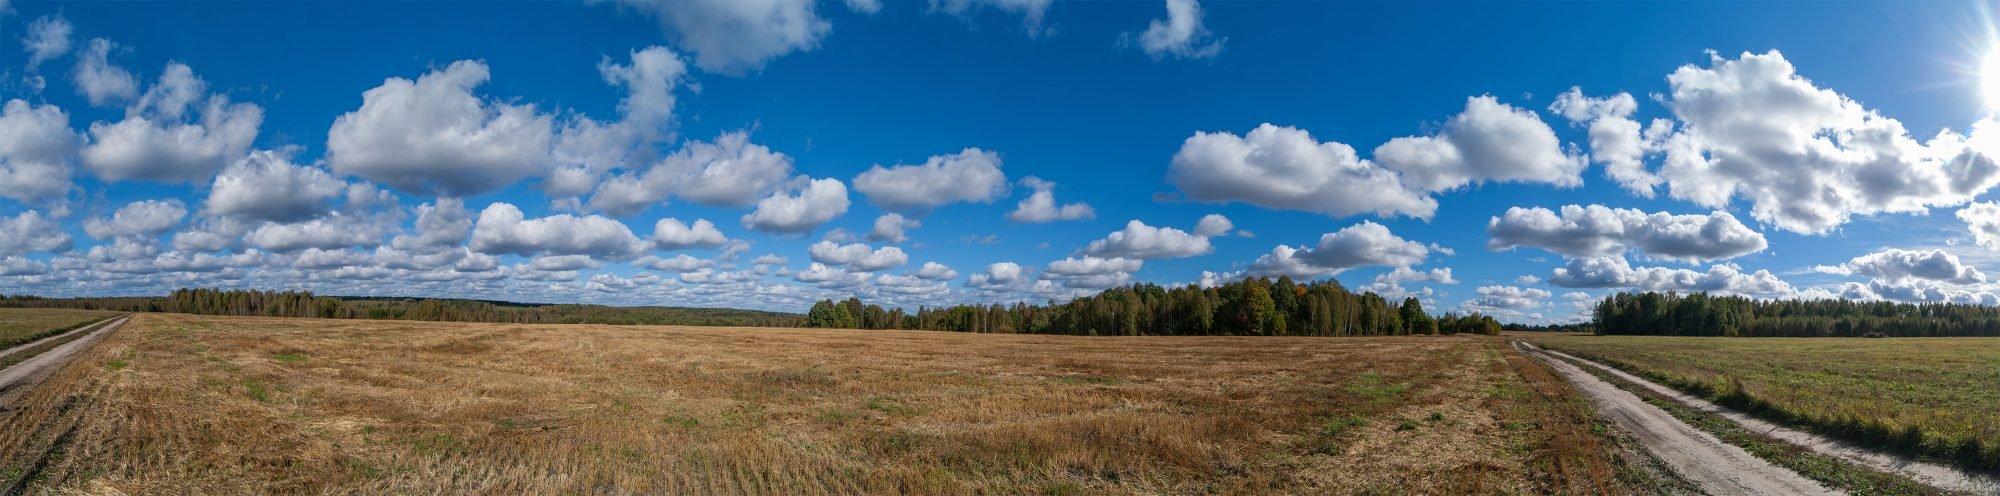 Панорама дороги на урочище Мокрое